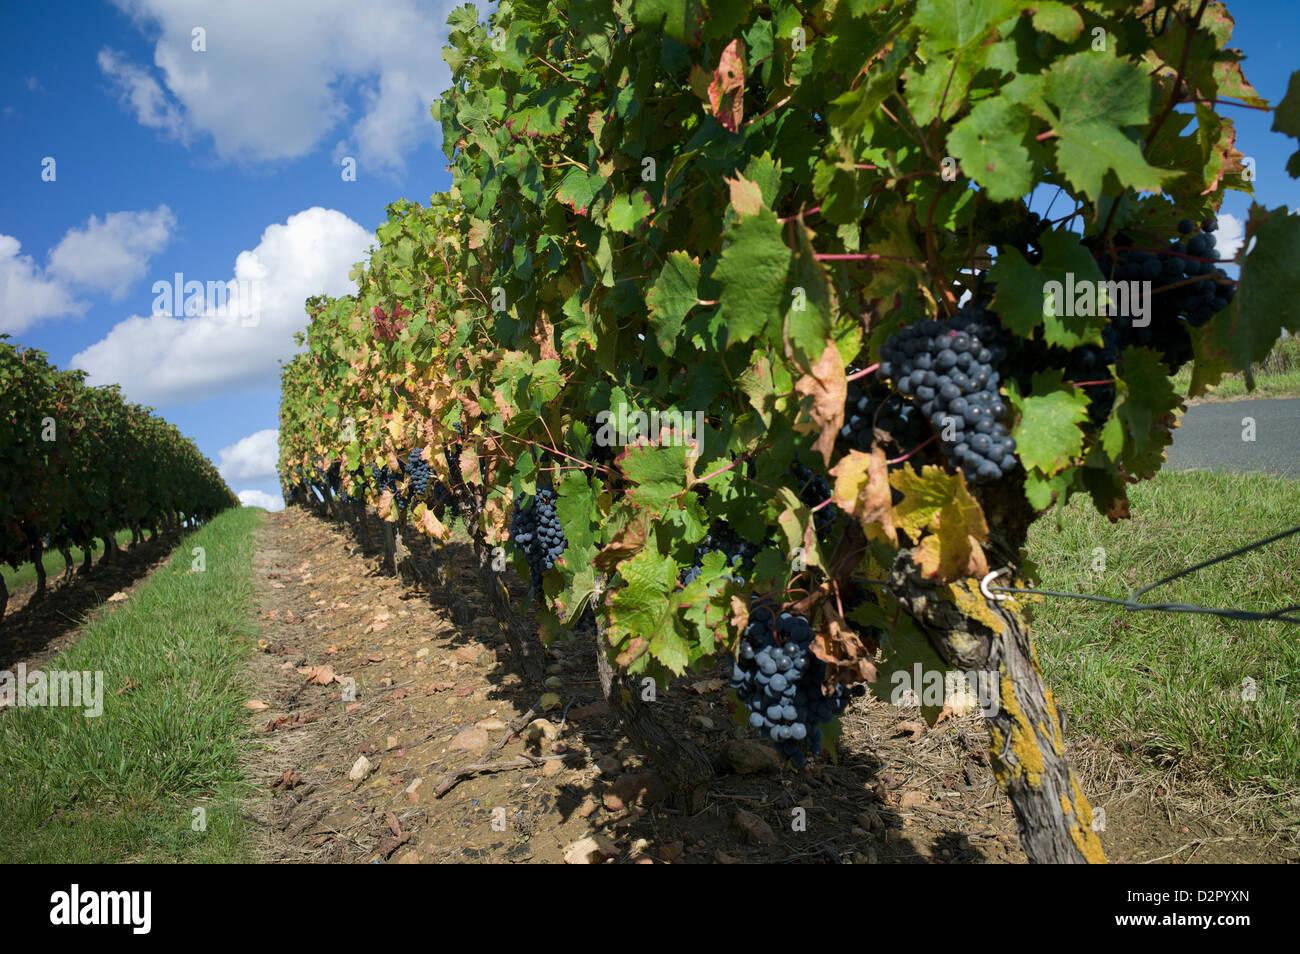 Vineyard, Saumur, Maine-et-Loire, Loire Valley, France, Europe - Stock Image